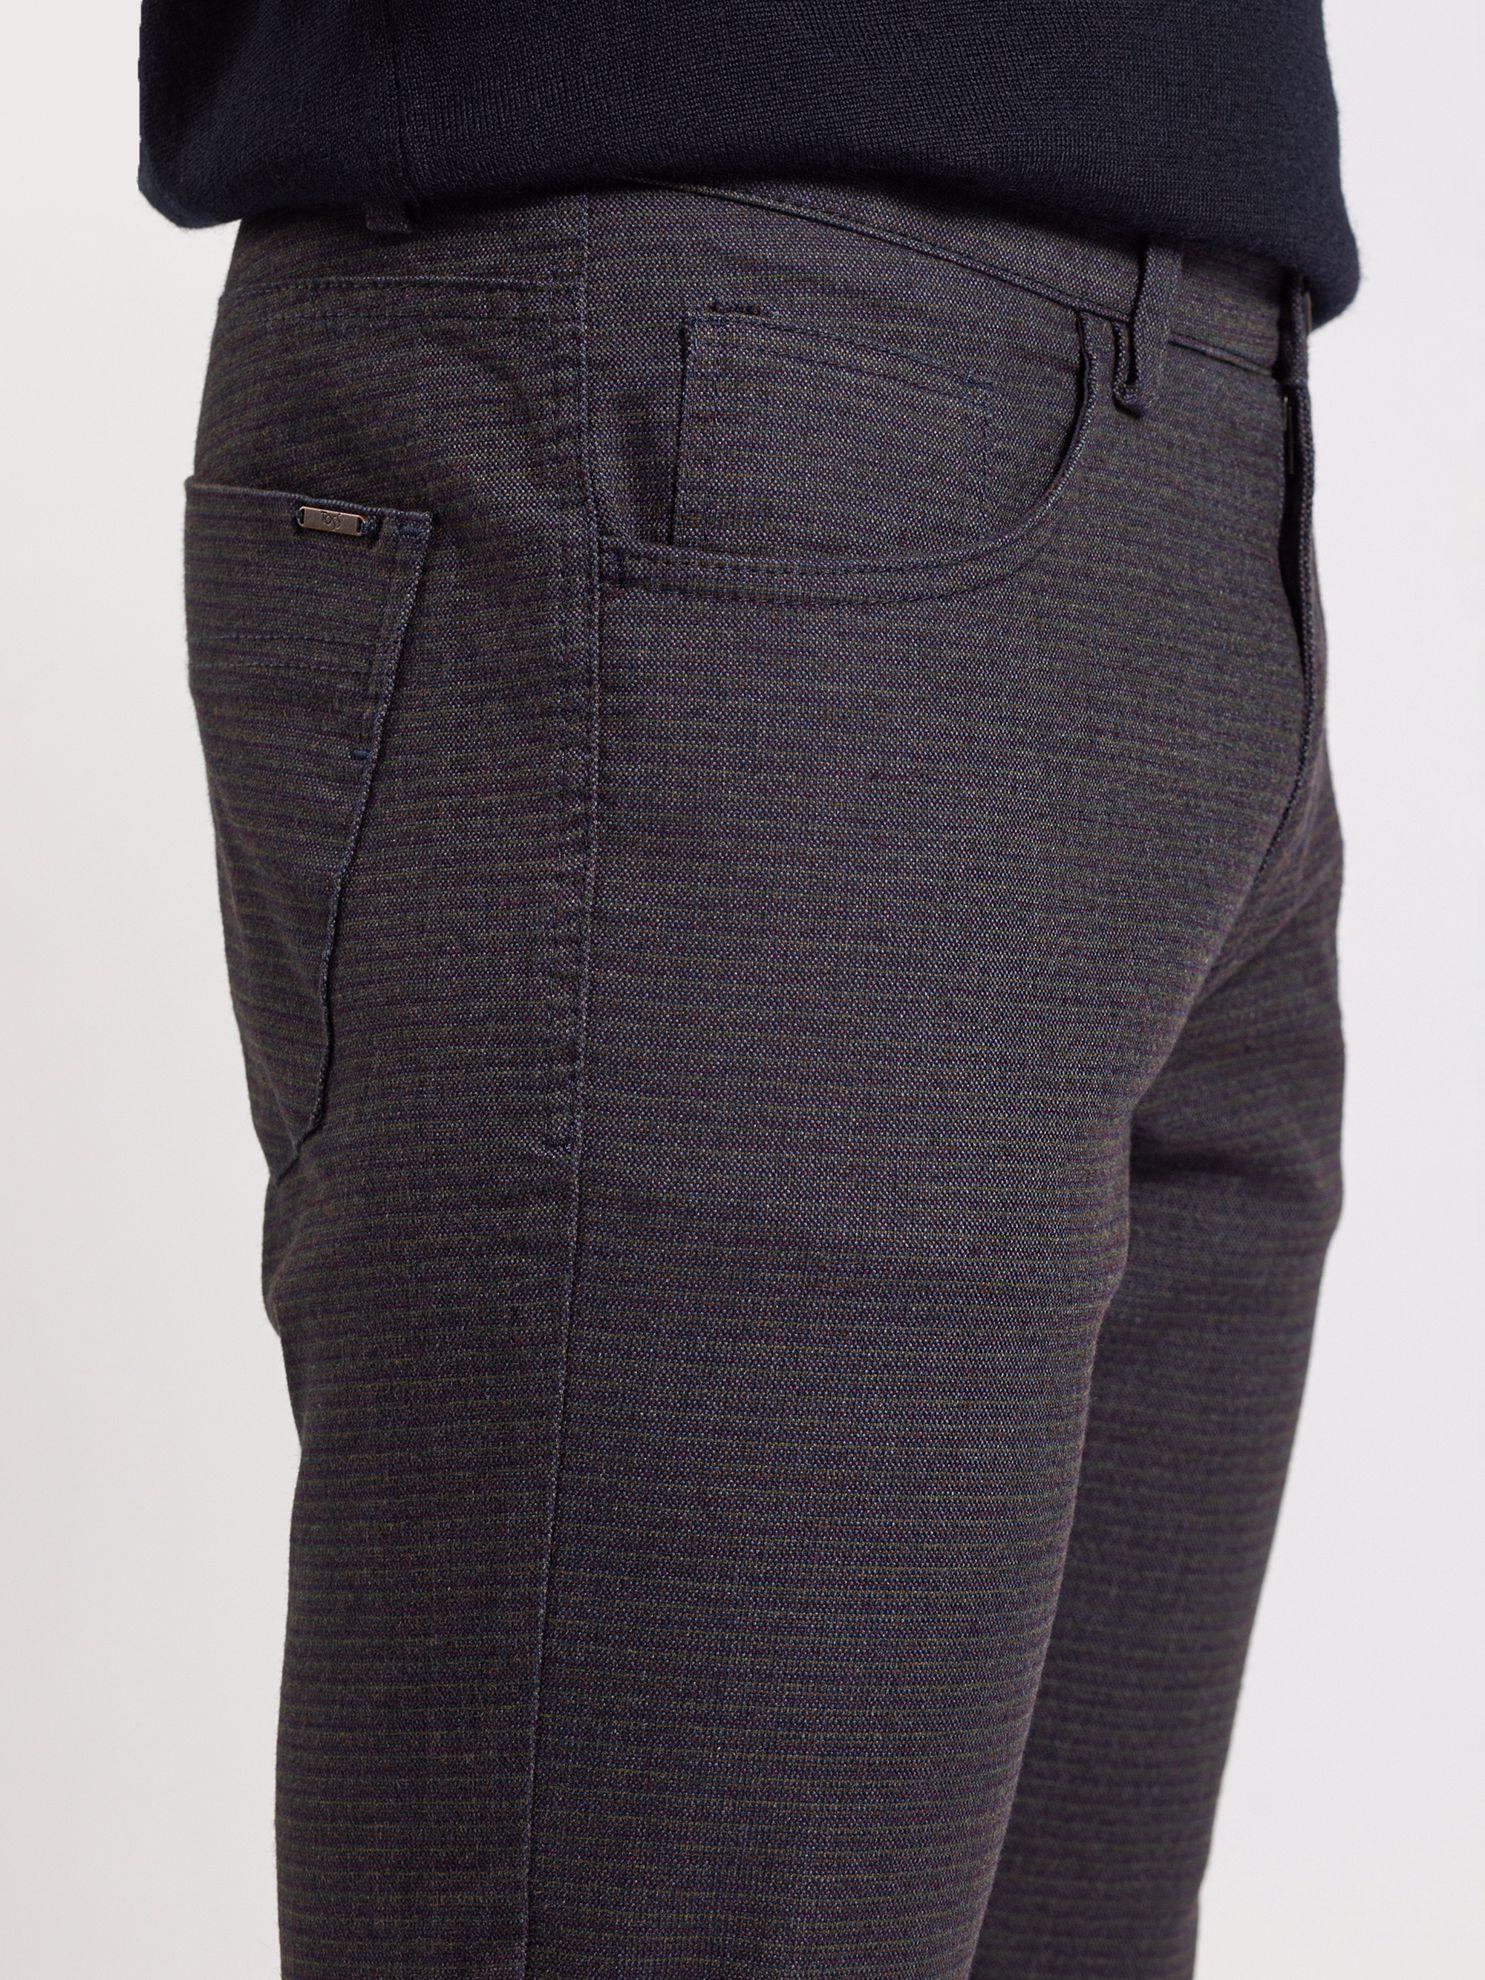 Toss Erkek 6 Drop Pantolon-Saks Mavi. ürün görseli